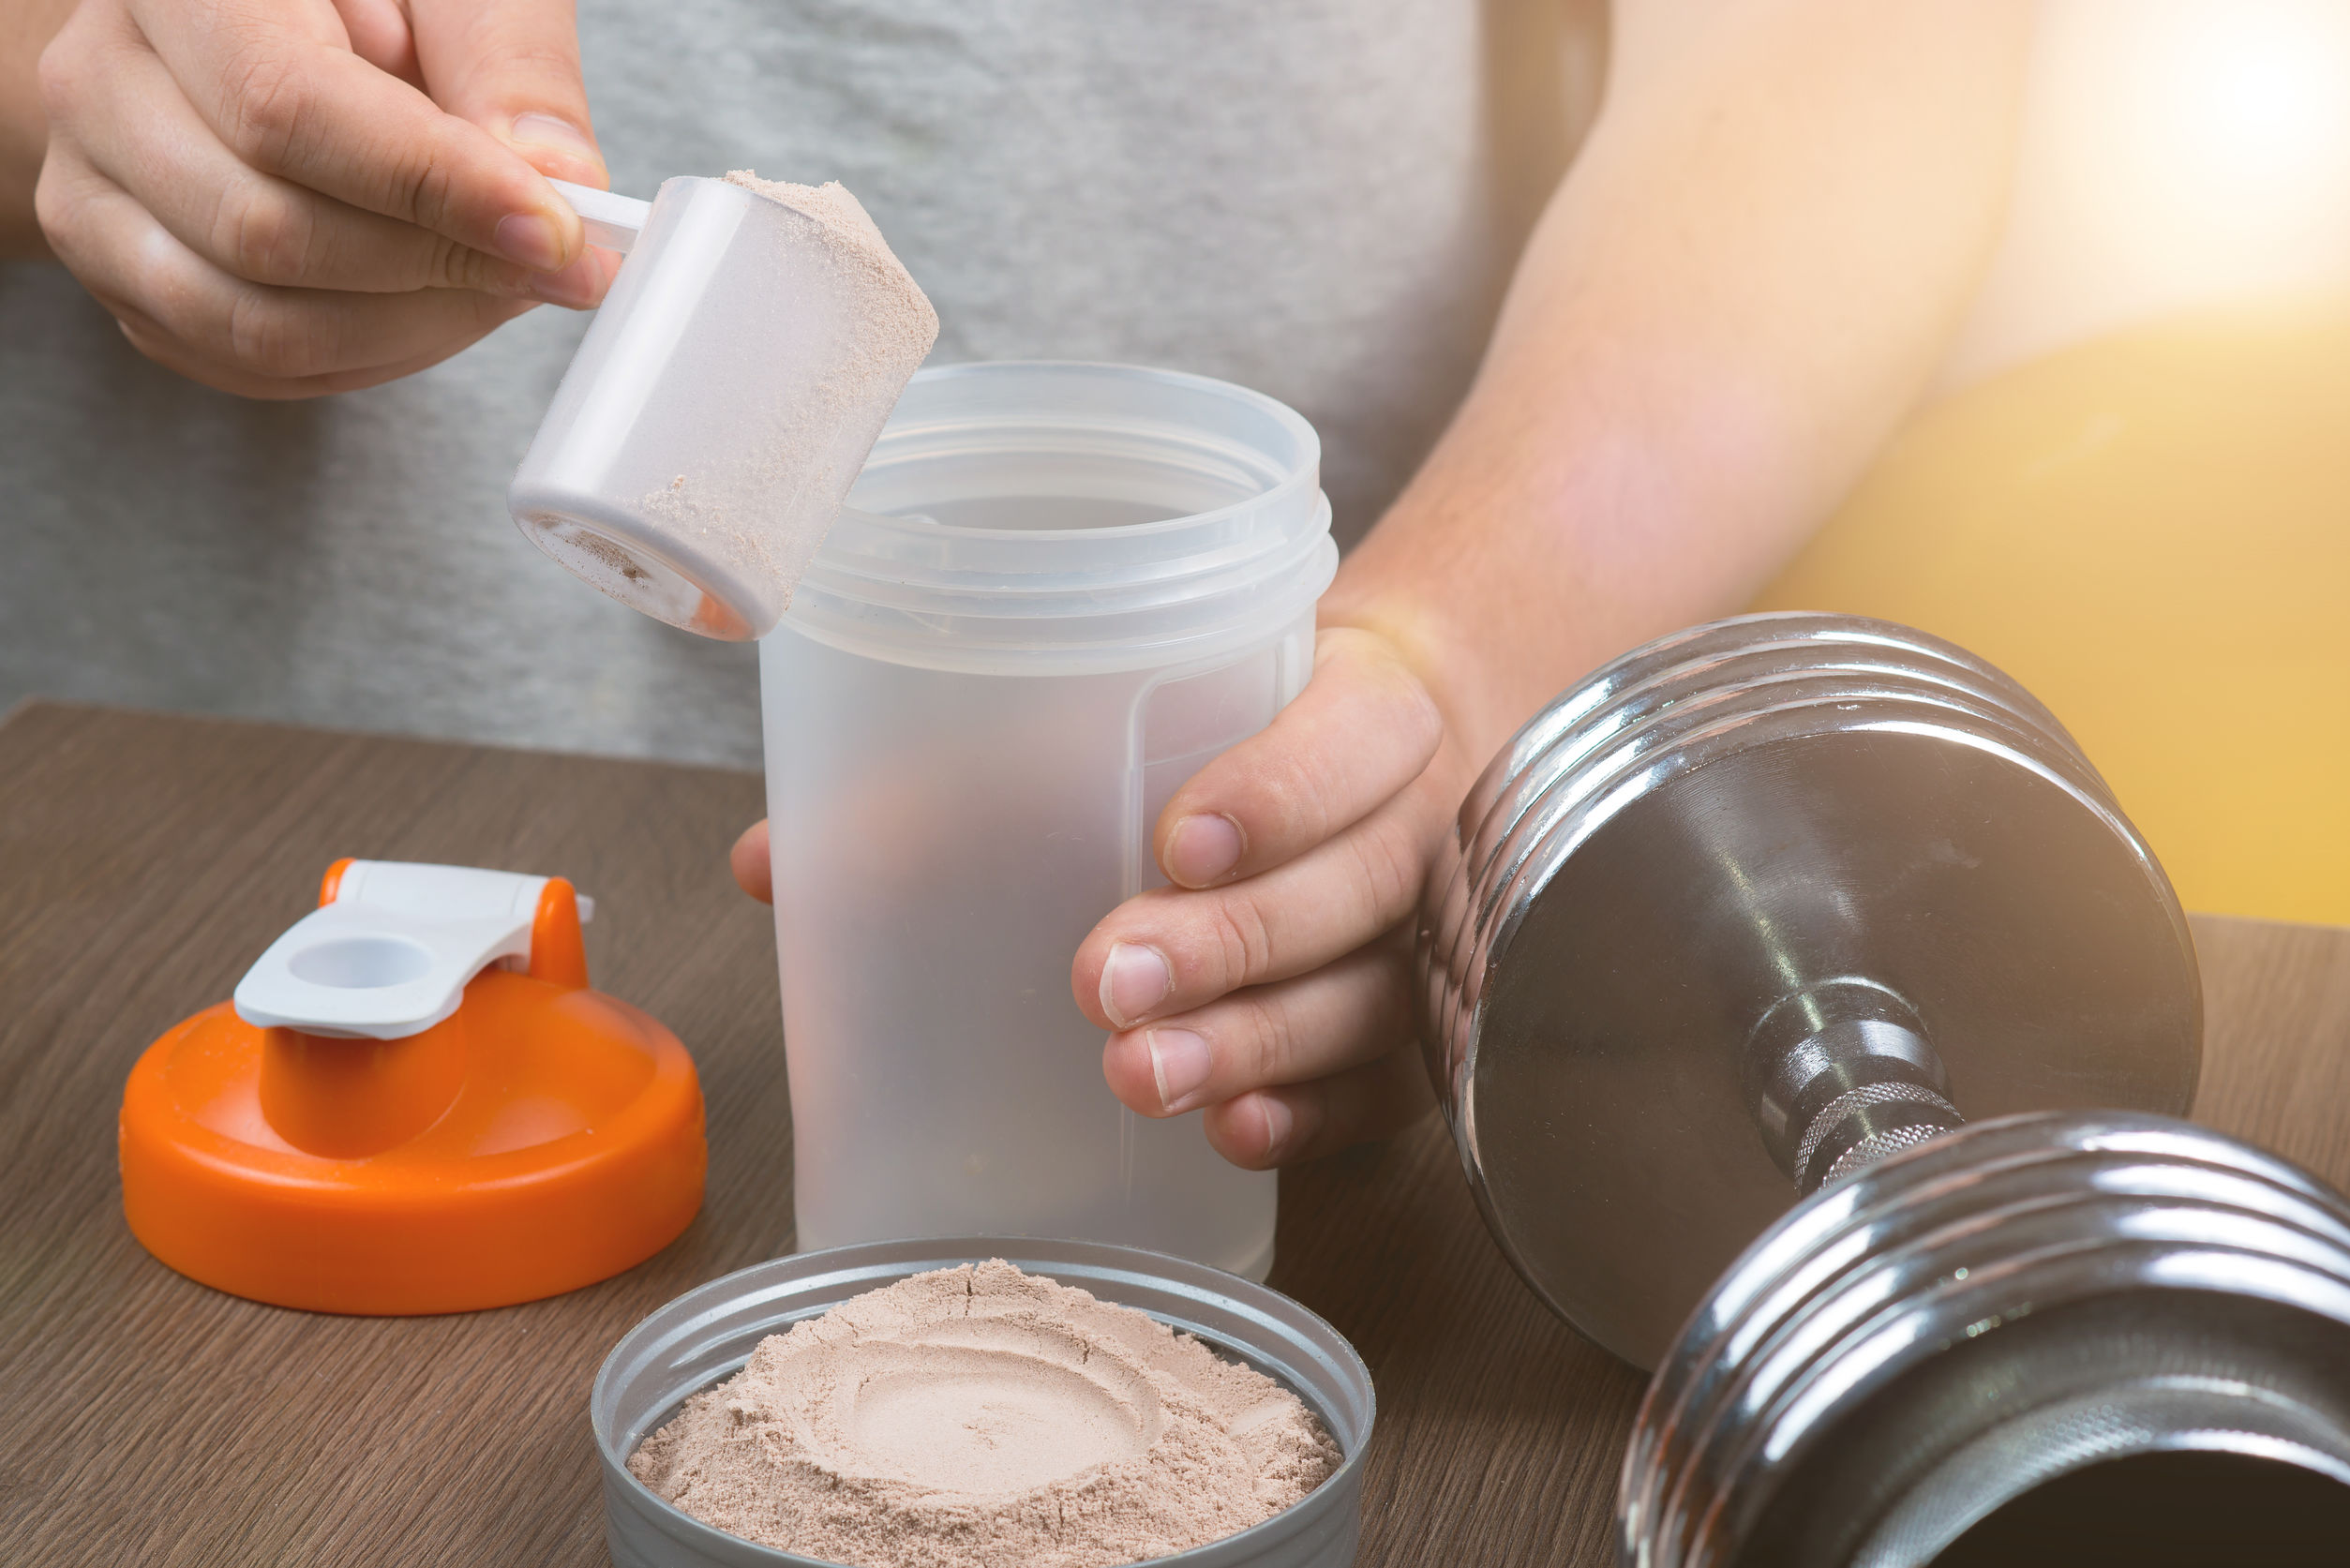 Proteinpulver: Test, Wirkung, Anwendung & Studien (10/20)